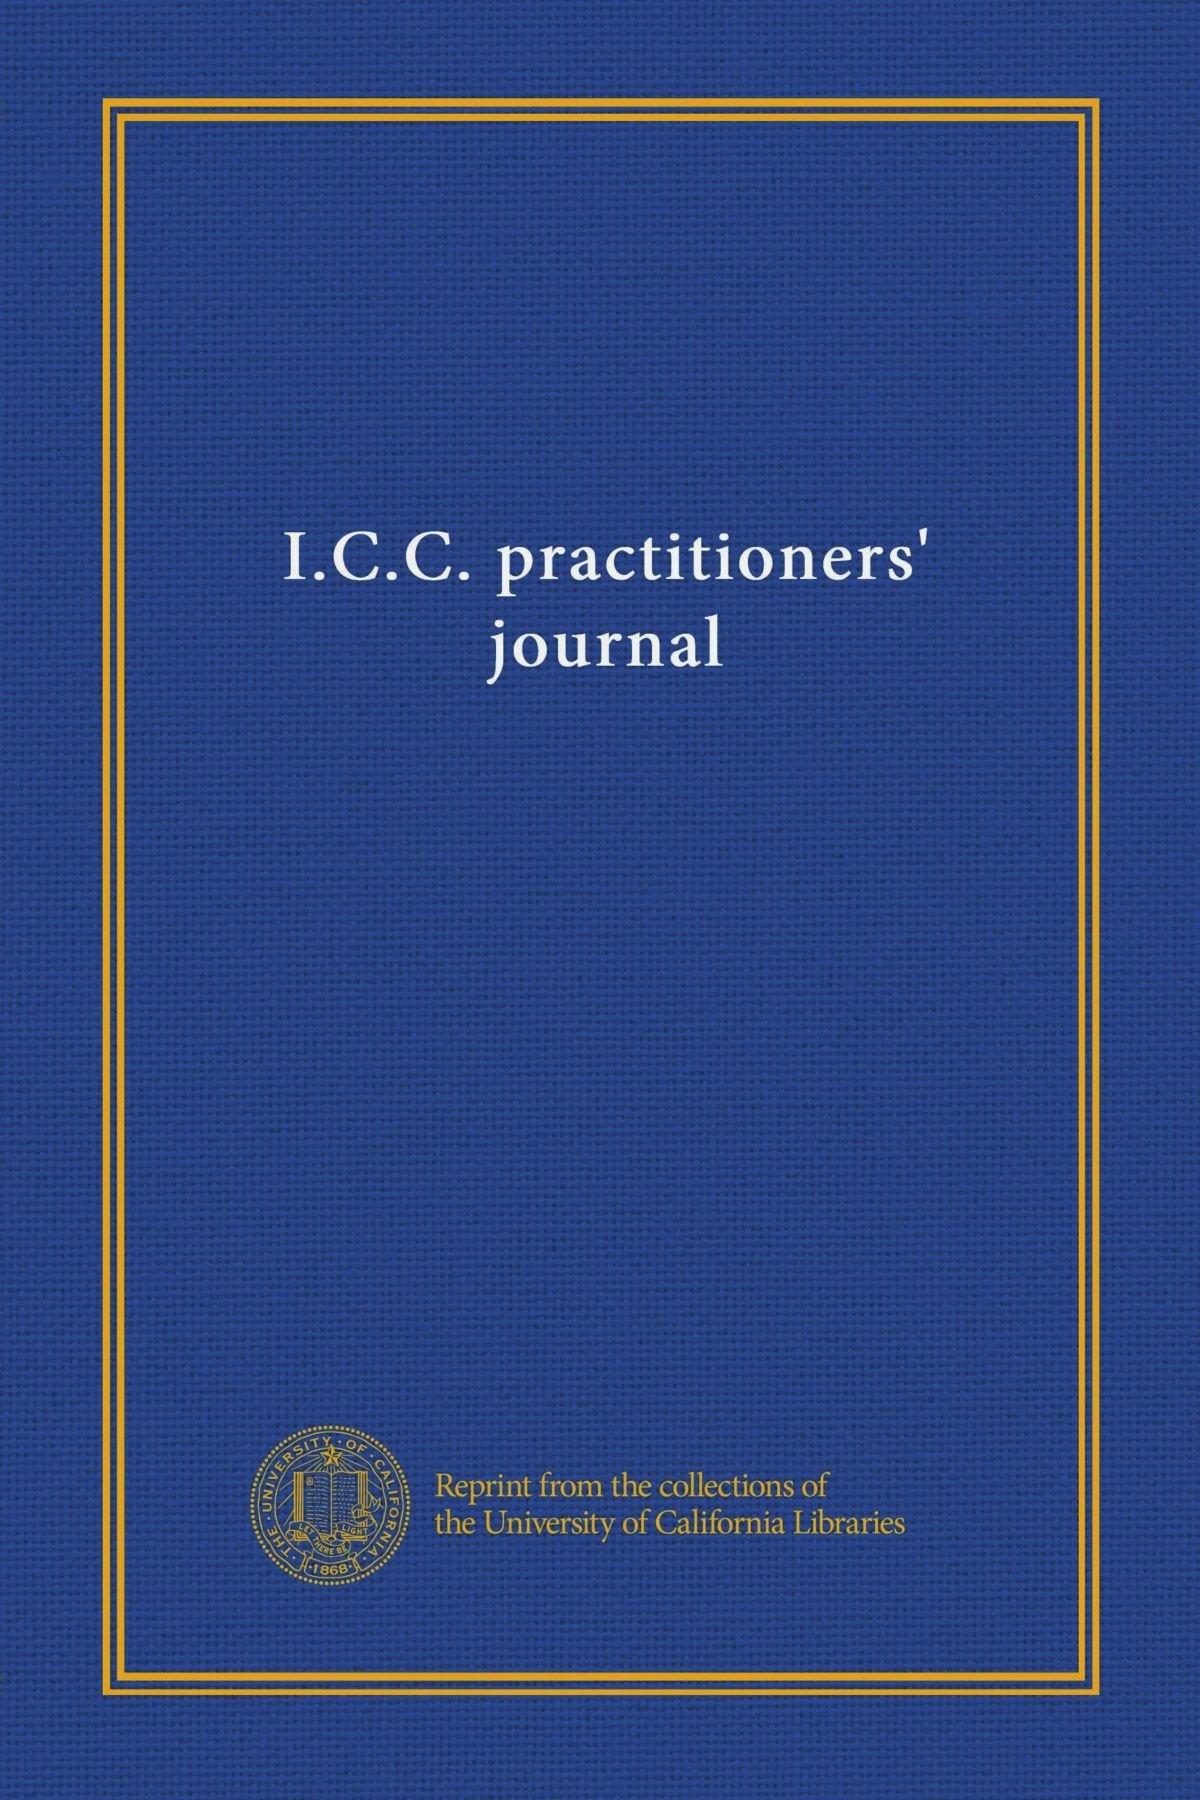 Download I.C.C. practitioners' journal (v.38 no.4 (1971)) PDF